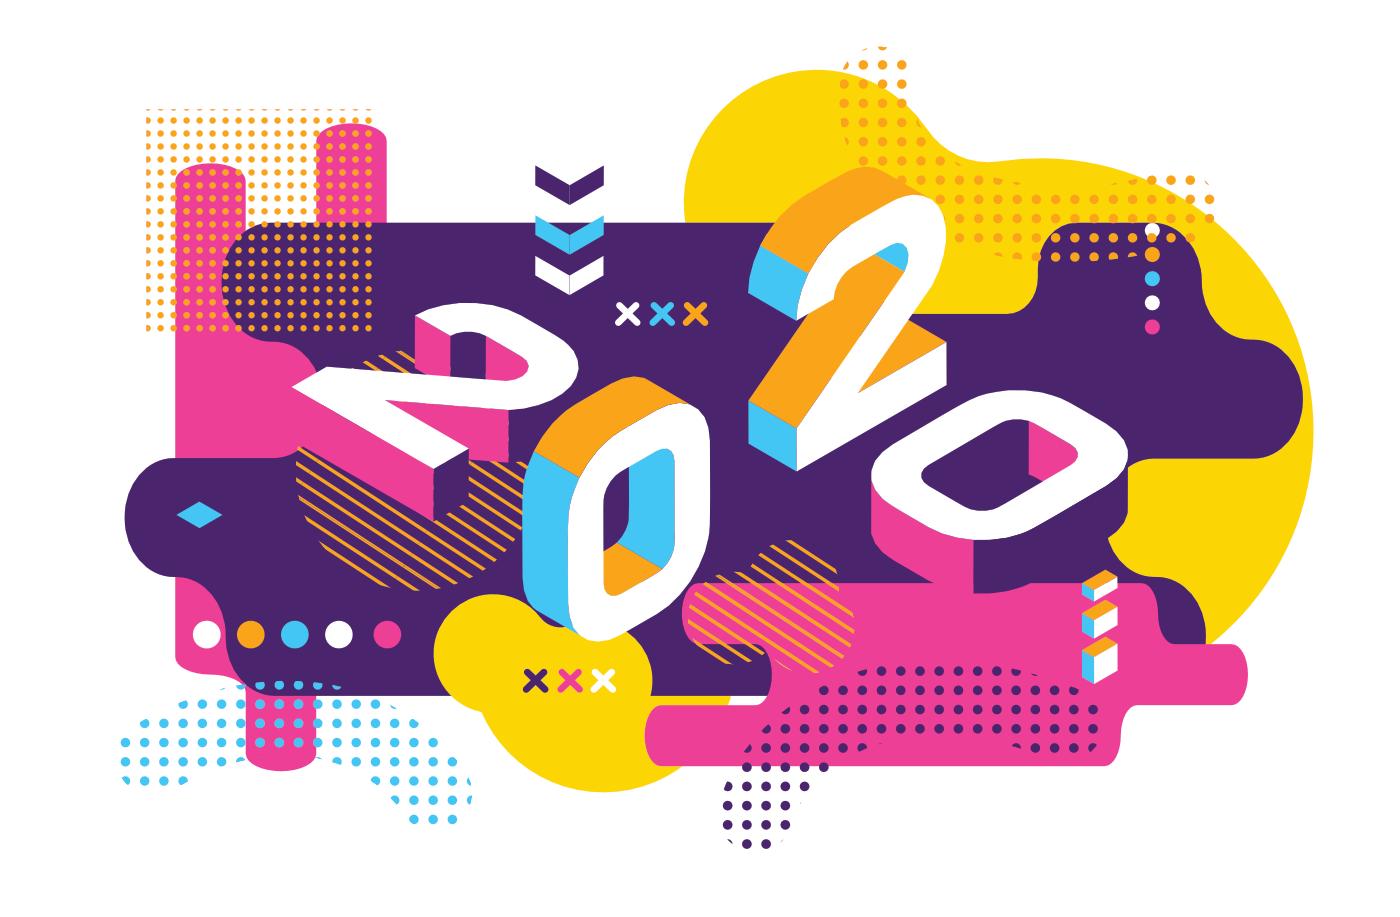 Веб тренды 2020, которые стоит попробовать - 1